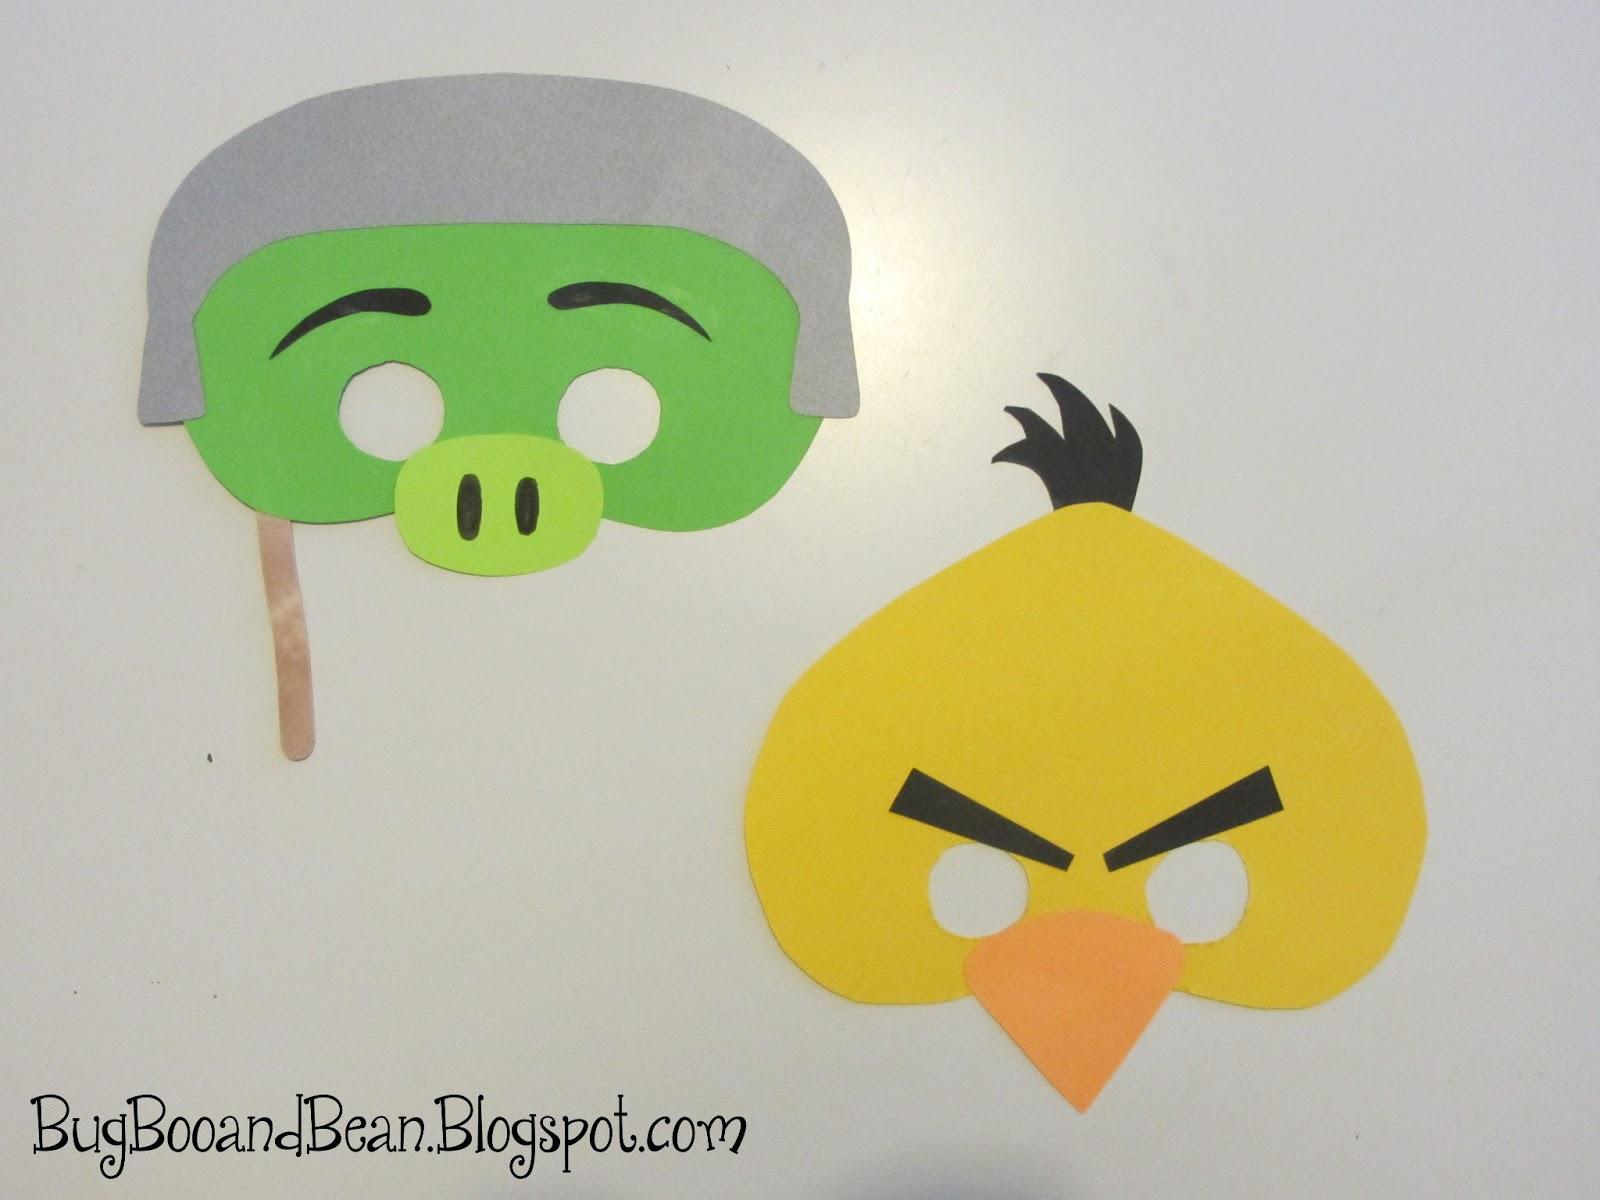 Как сделать angry birds из бумаги своими руками? 16